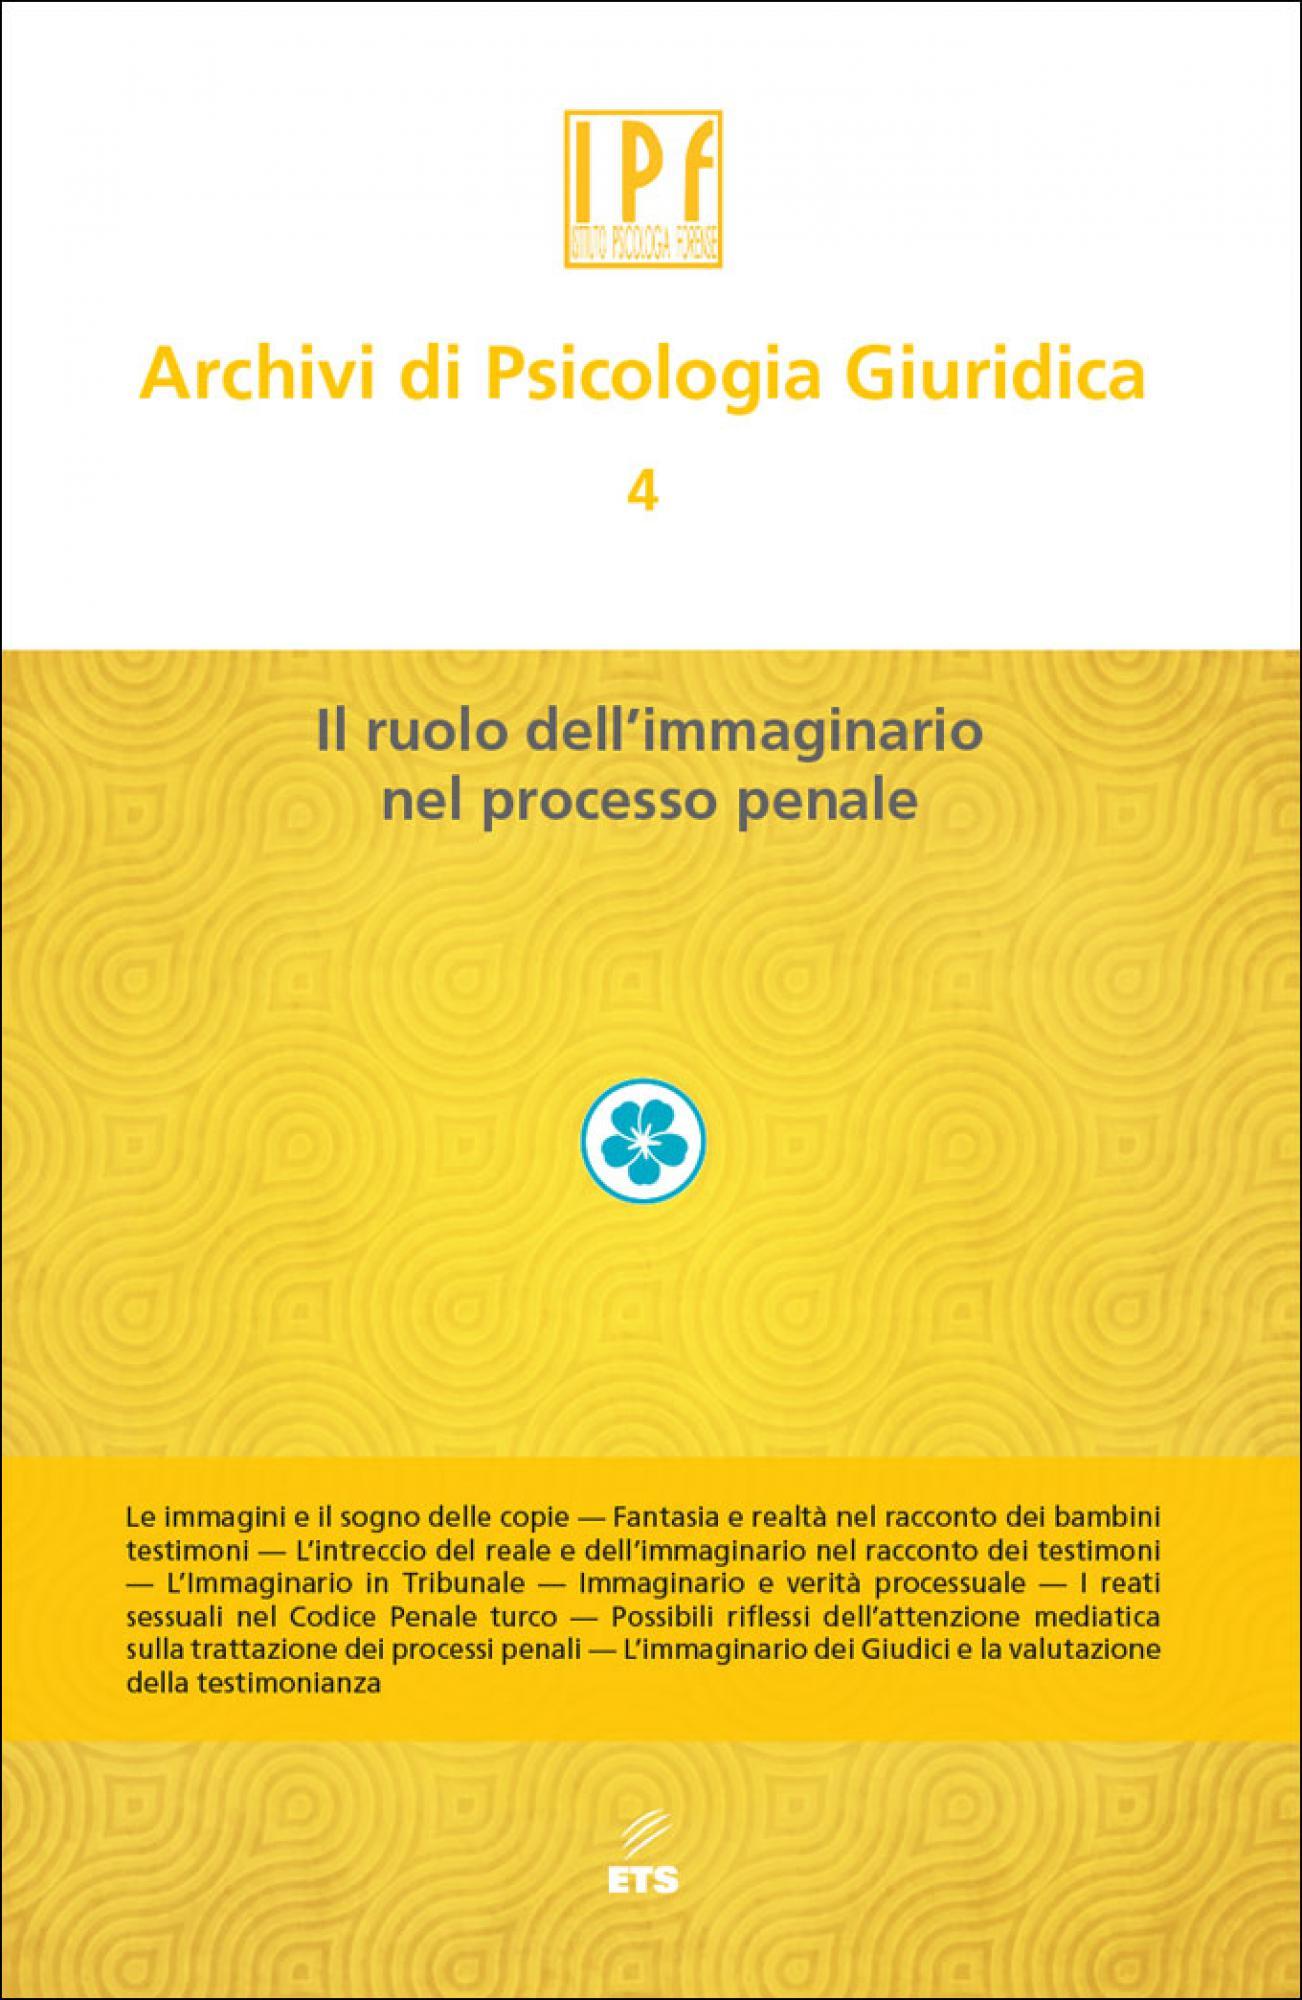 Archivi di Psicologia Giuridica – 4.Il ruolo dell'immaginario nel processo penale